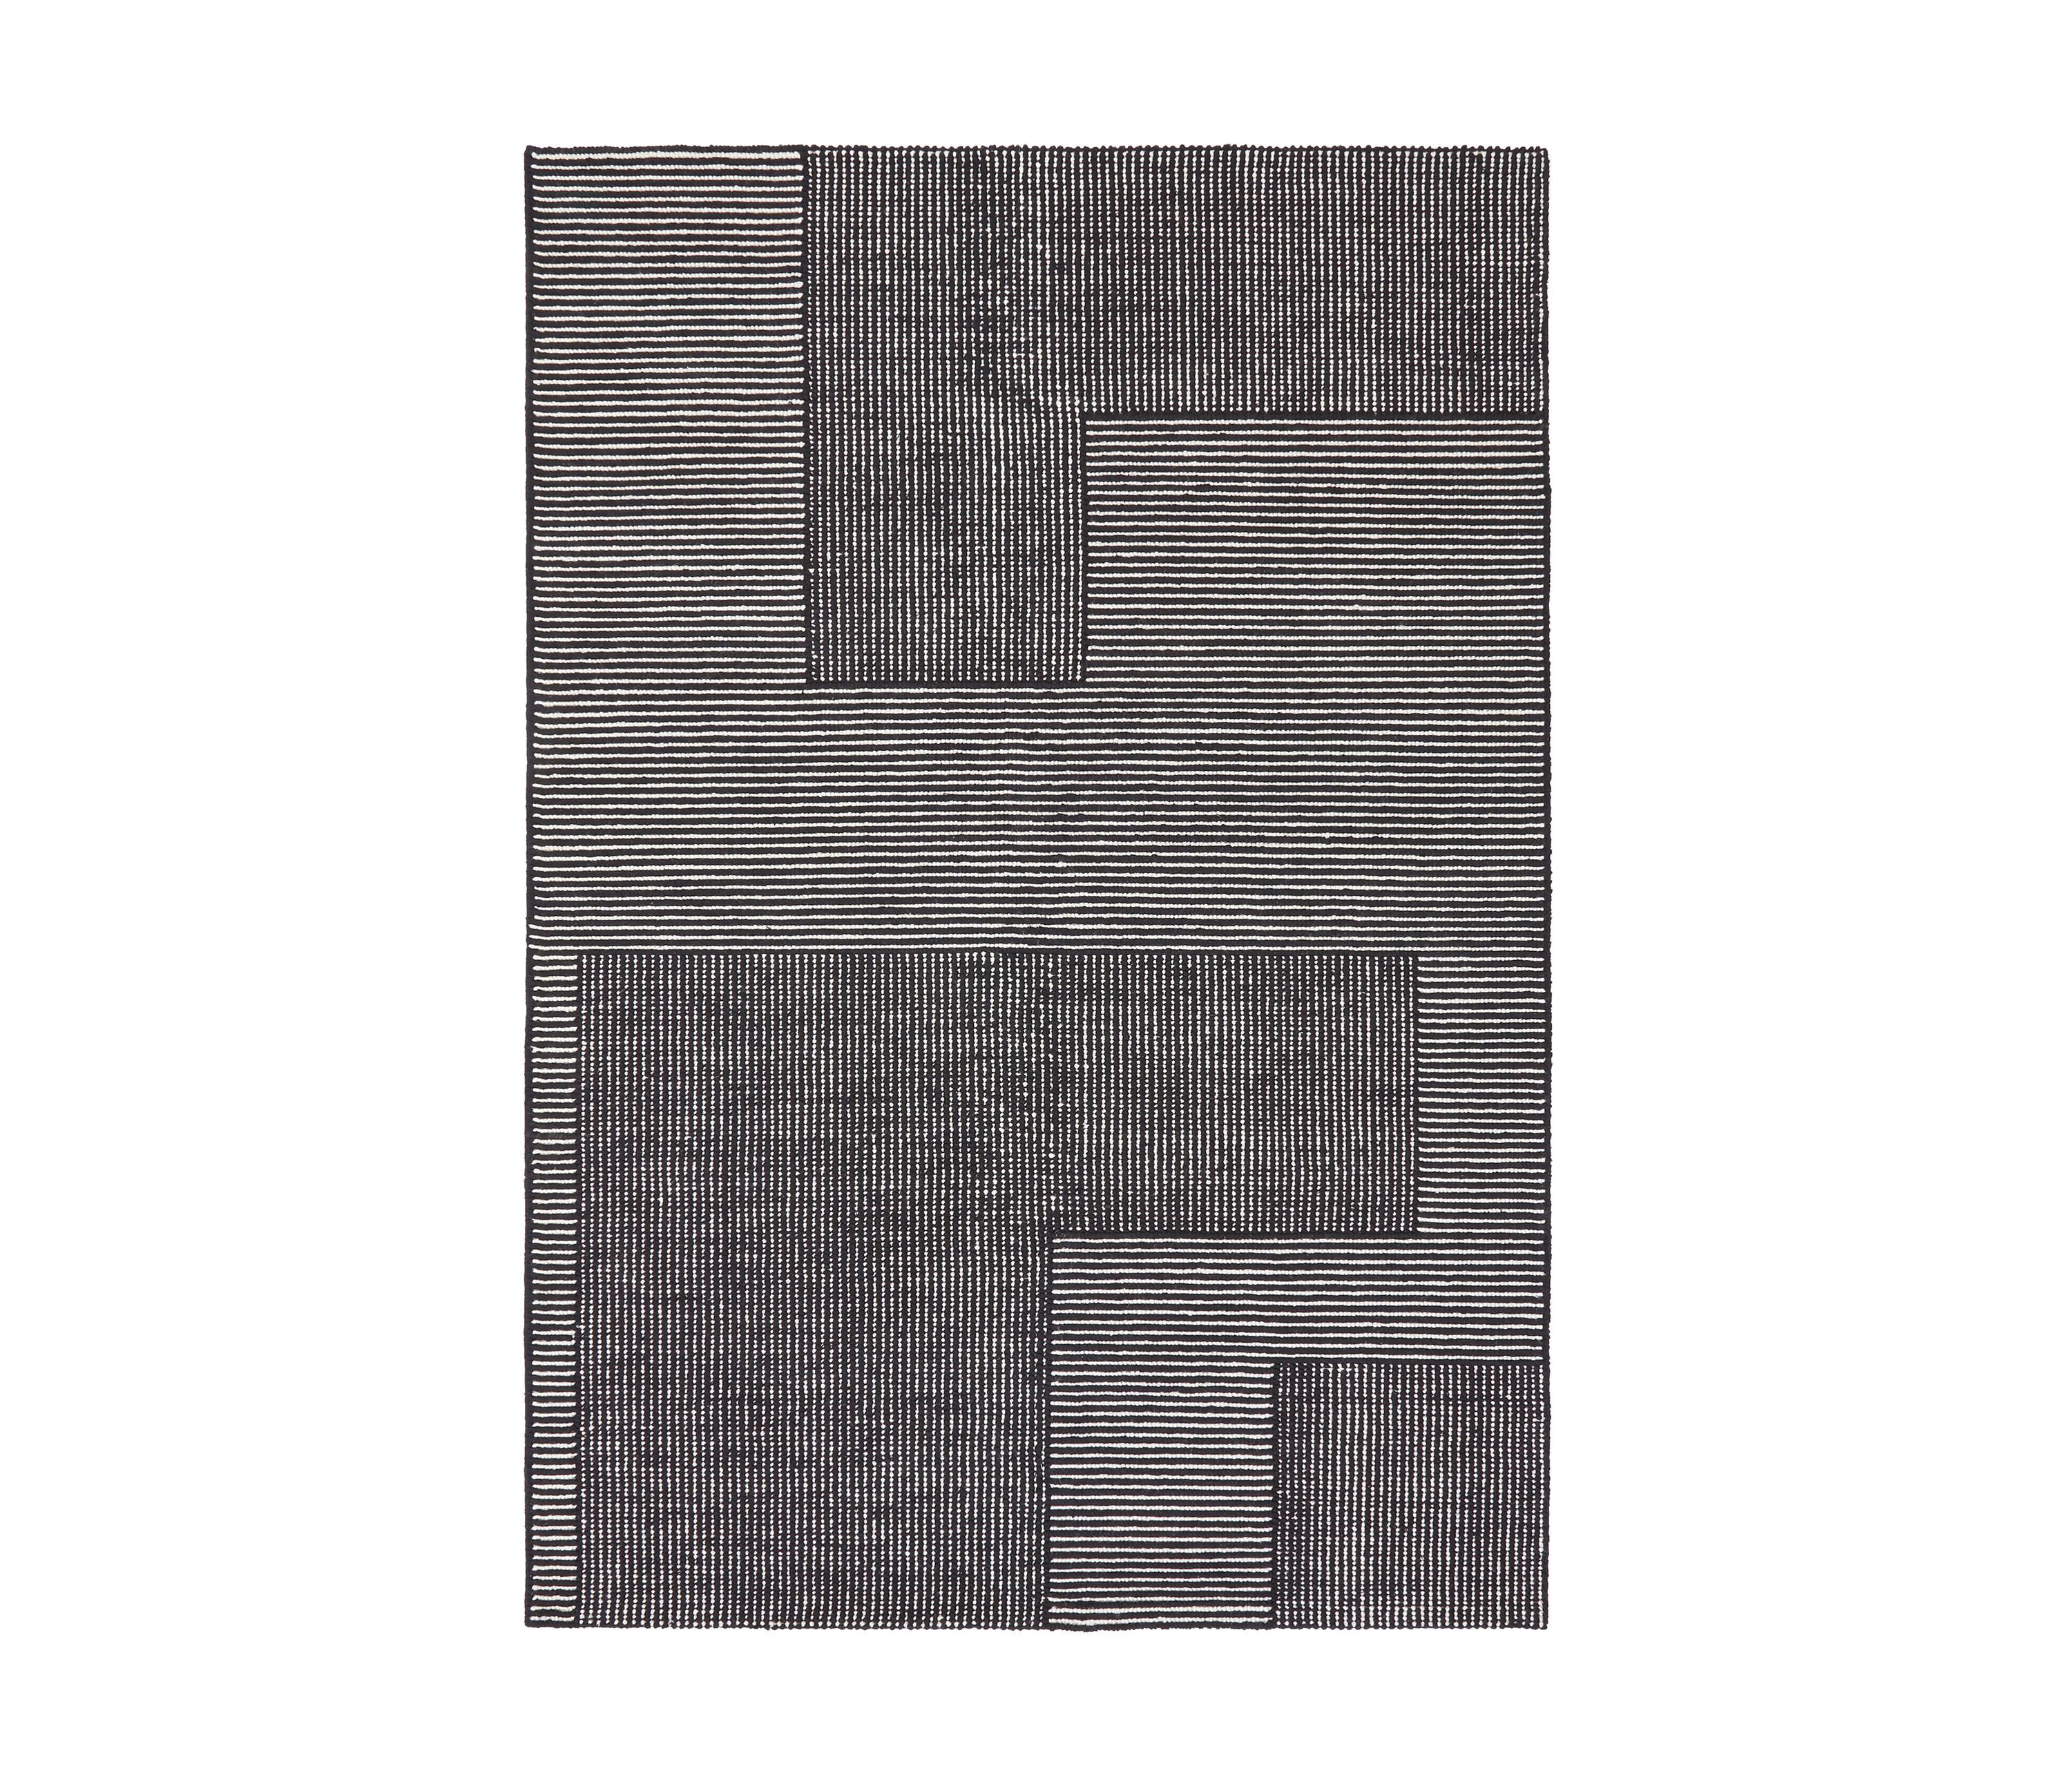 Stripe Rug Rectangular Black And White Formatteppiche Von Tom